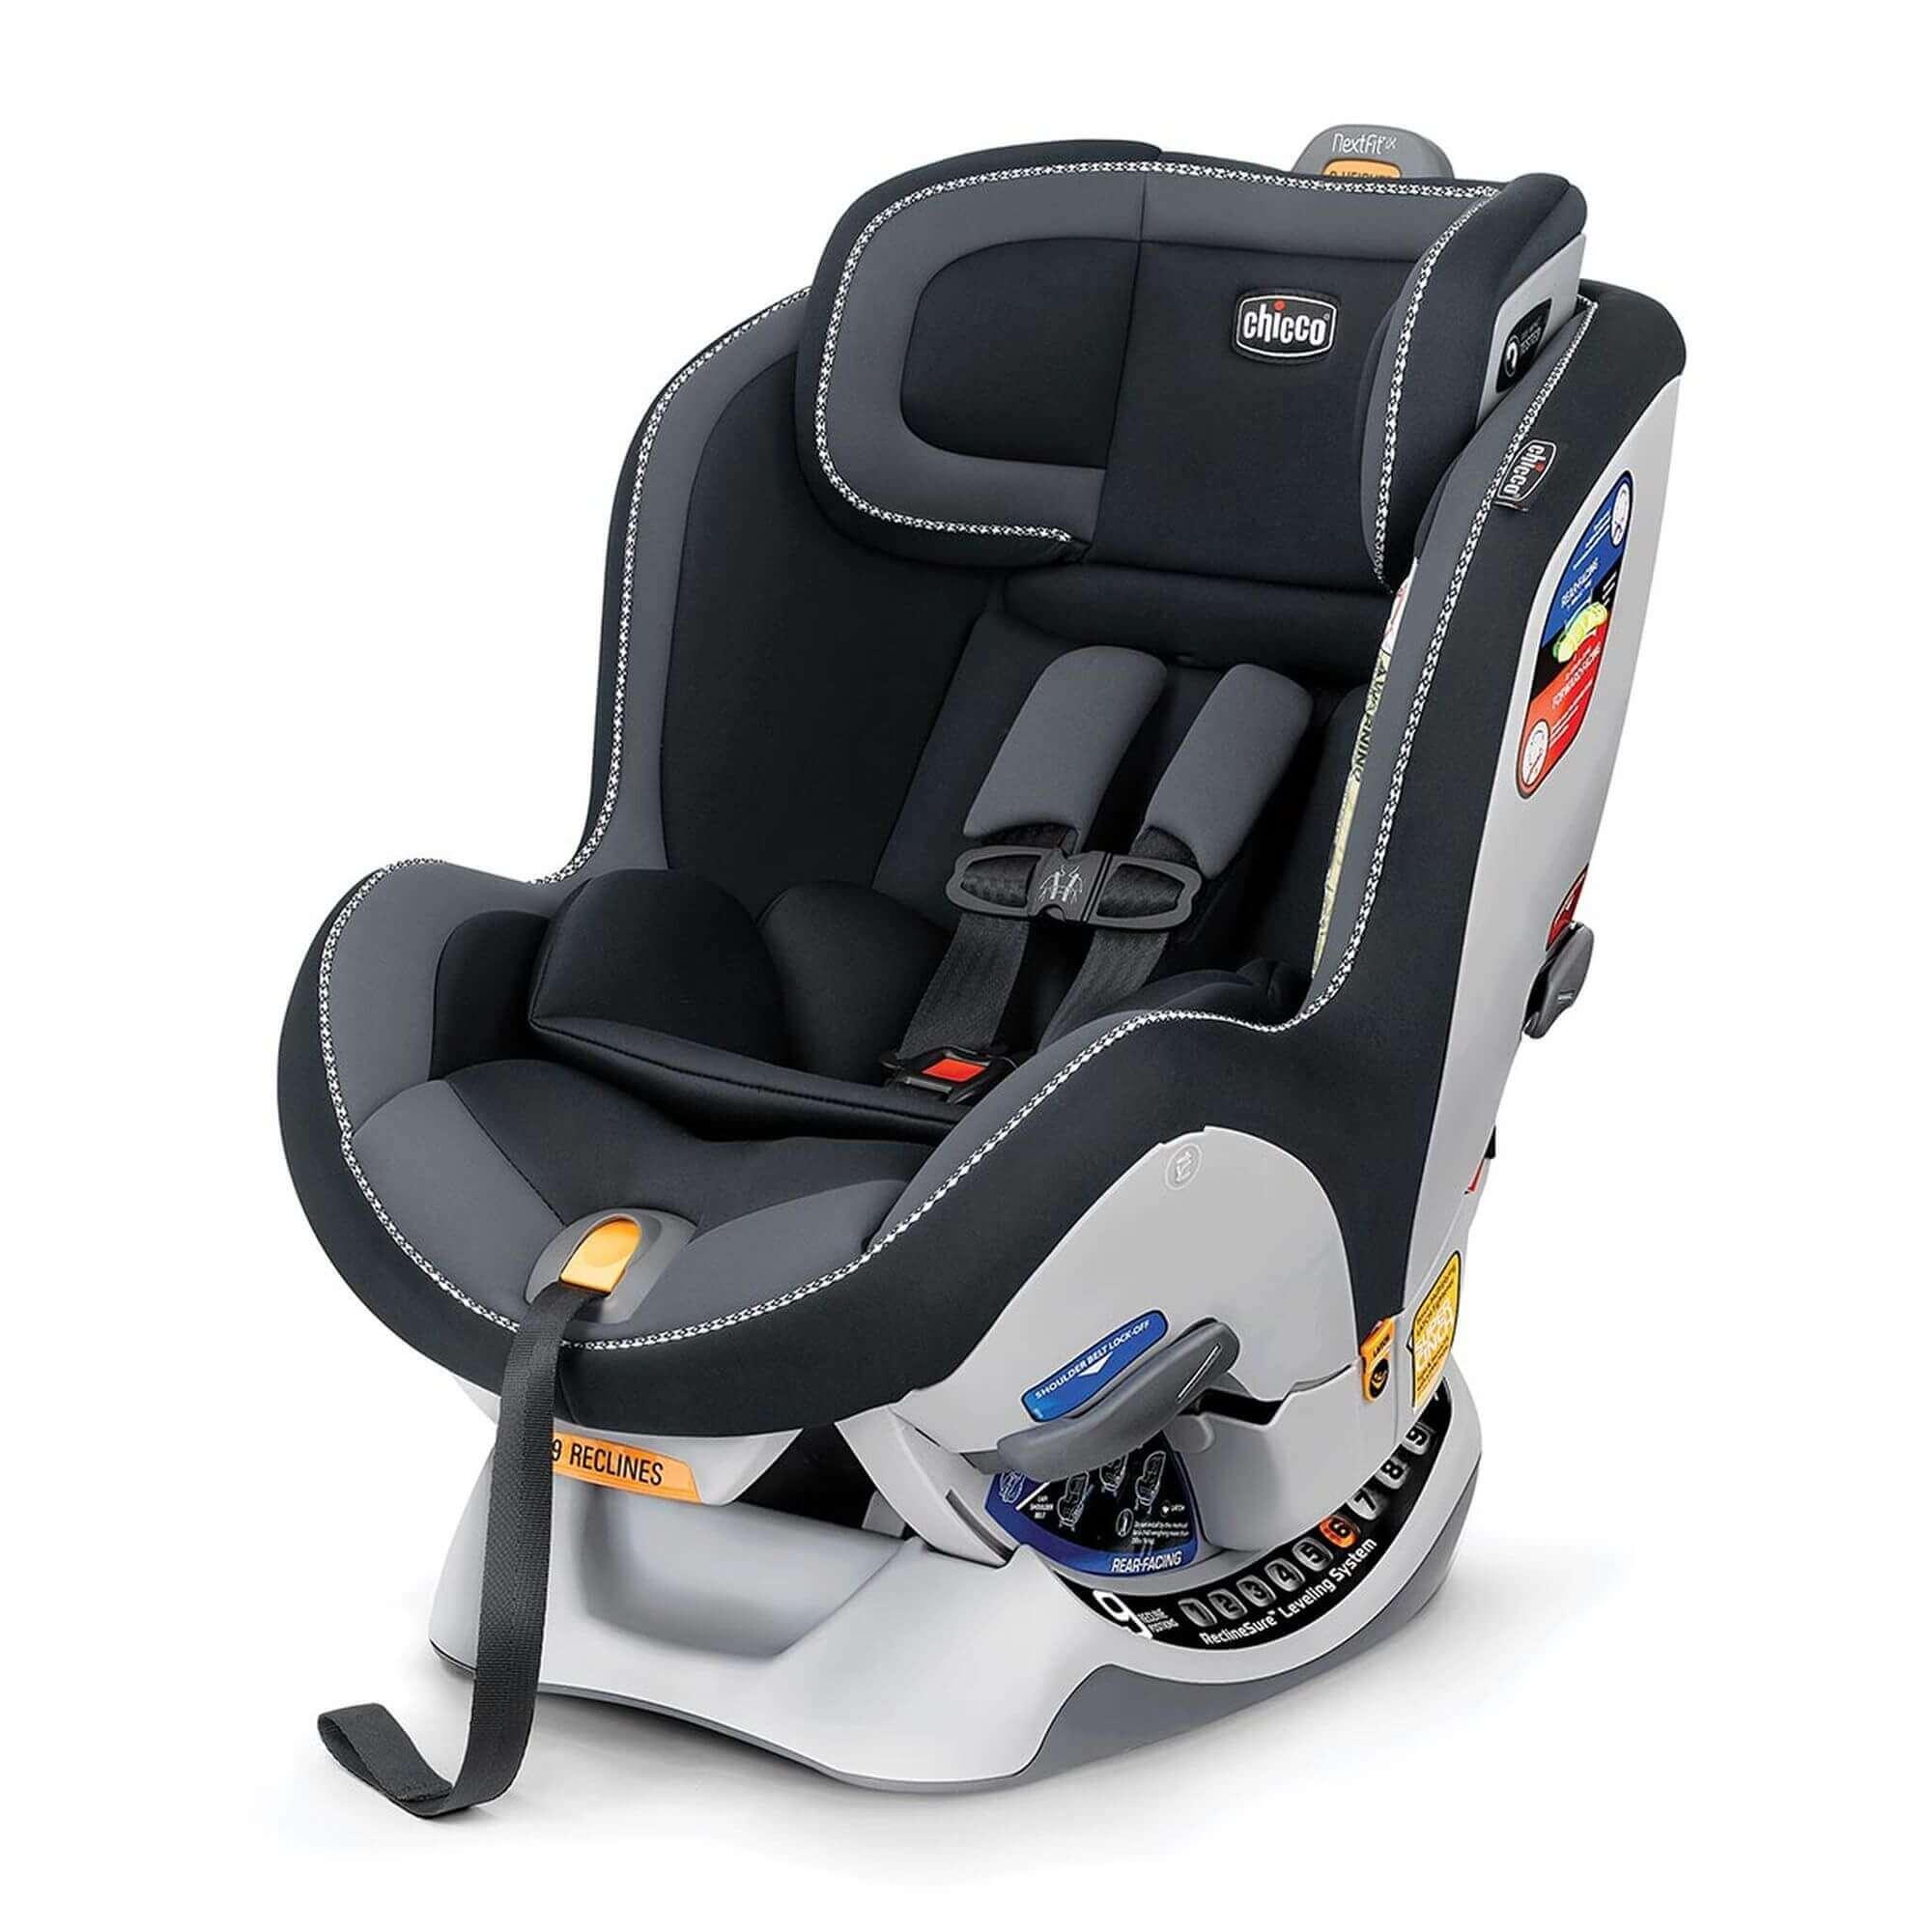 כסא בטיחות צ'יקו נקסטפיט שחור אפור ברשת בייבי לאב